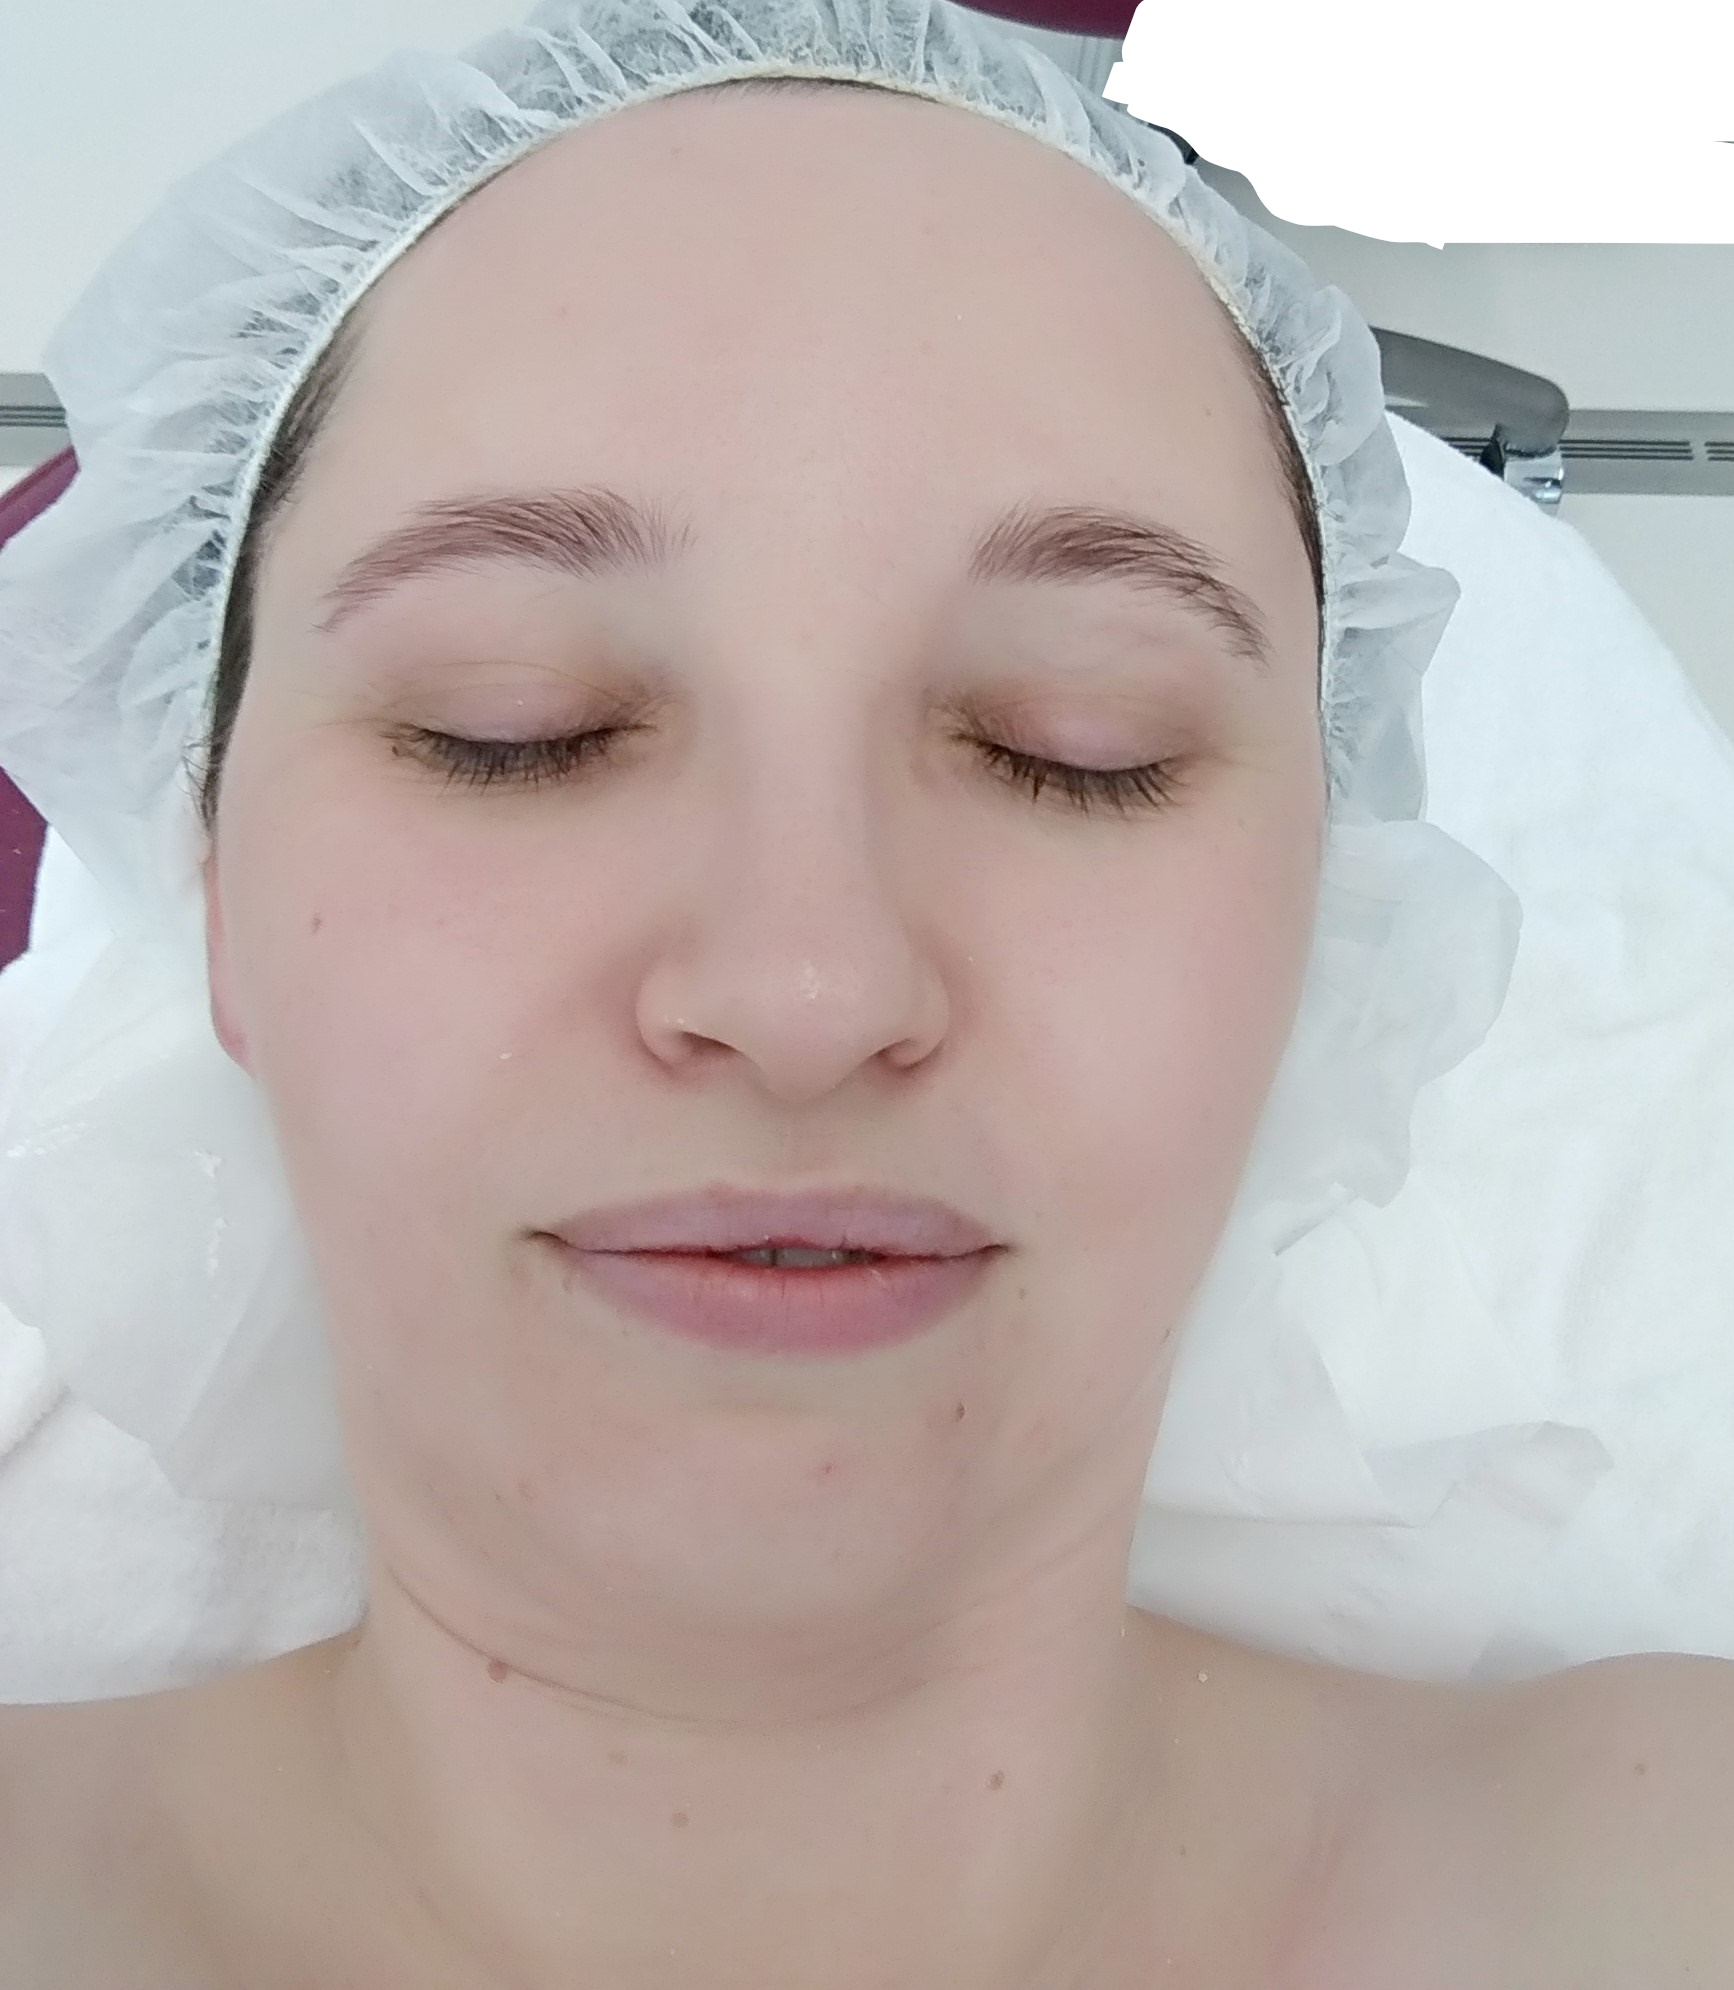 Nach der Behandlung